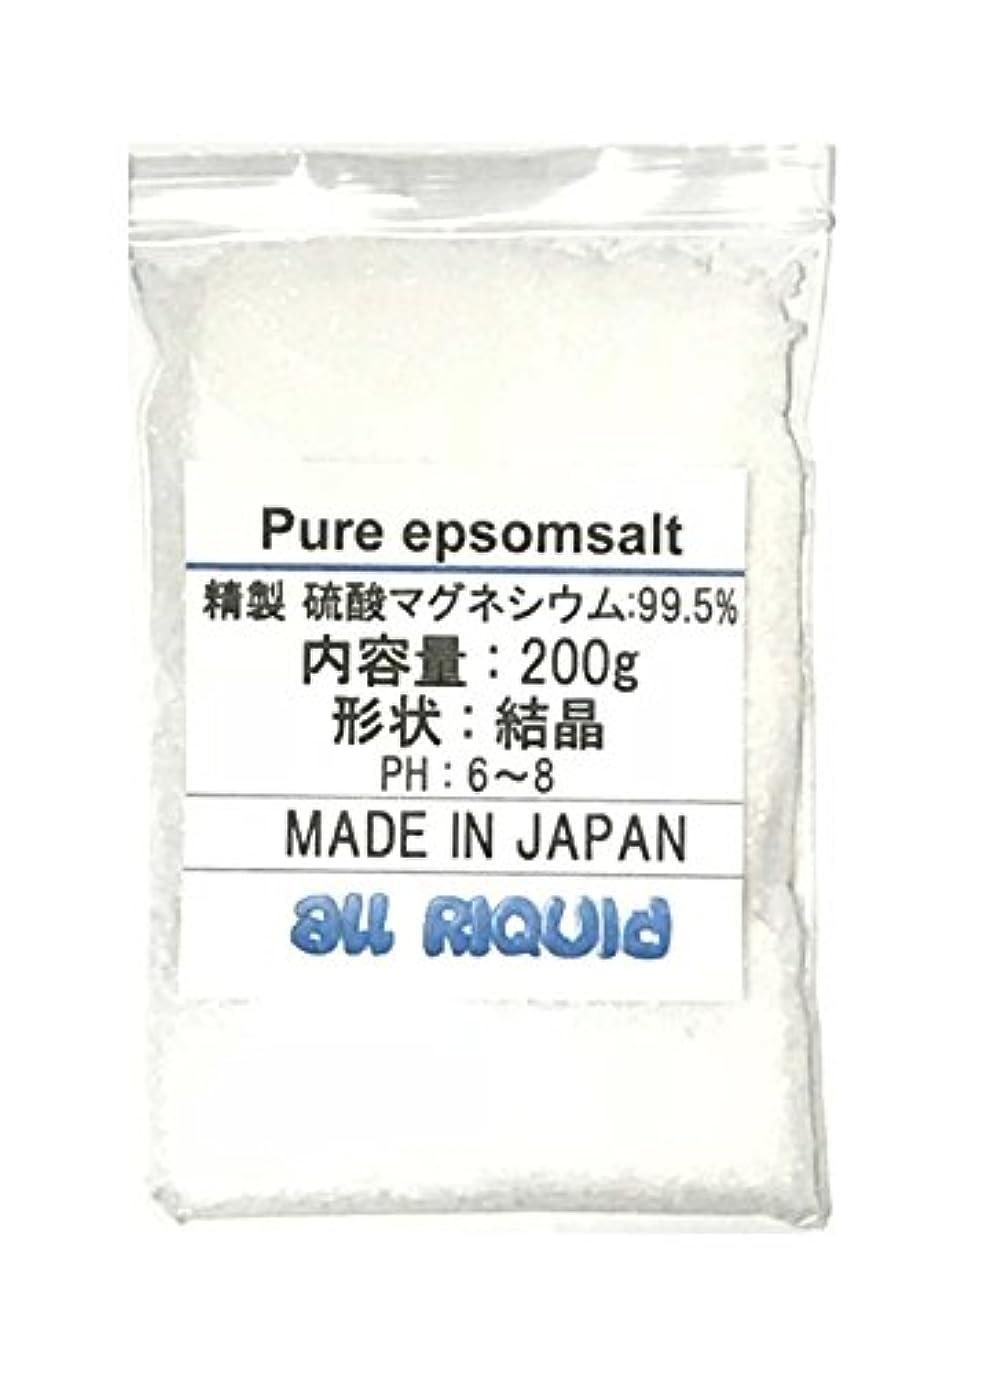 スーパー給料赤外線純 エプソム 無香料 200g (硫酸マグネシウム) 1回分 99.5% 国産品 オールリキッド